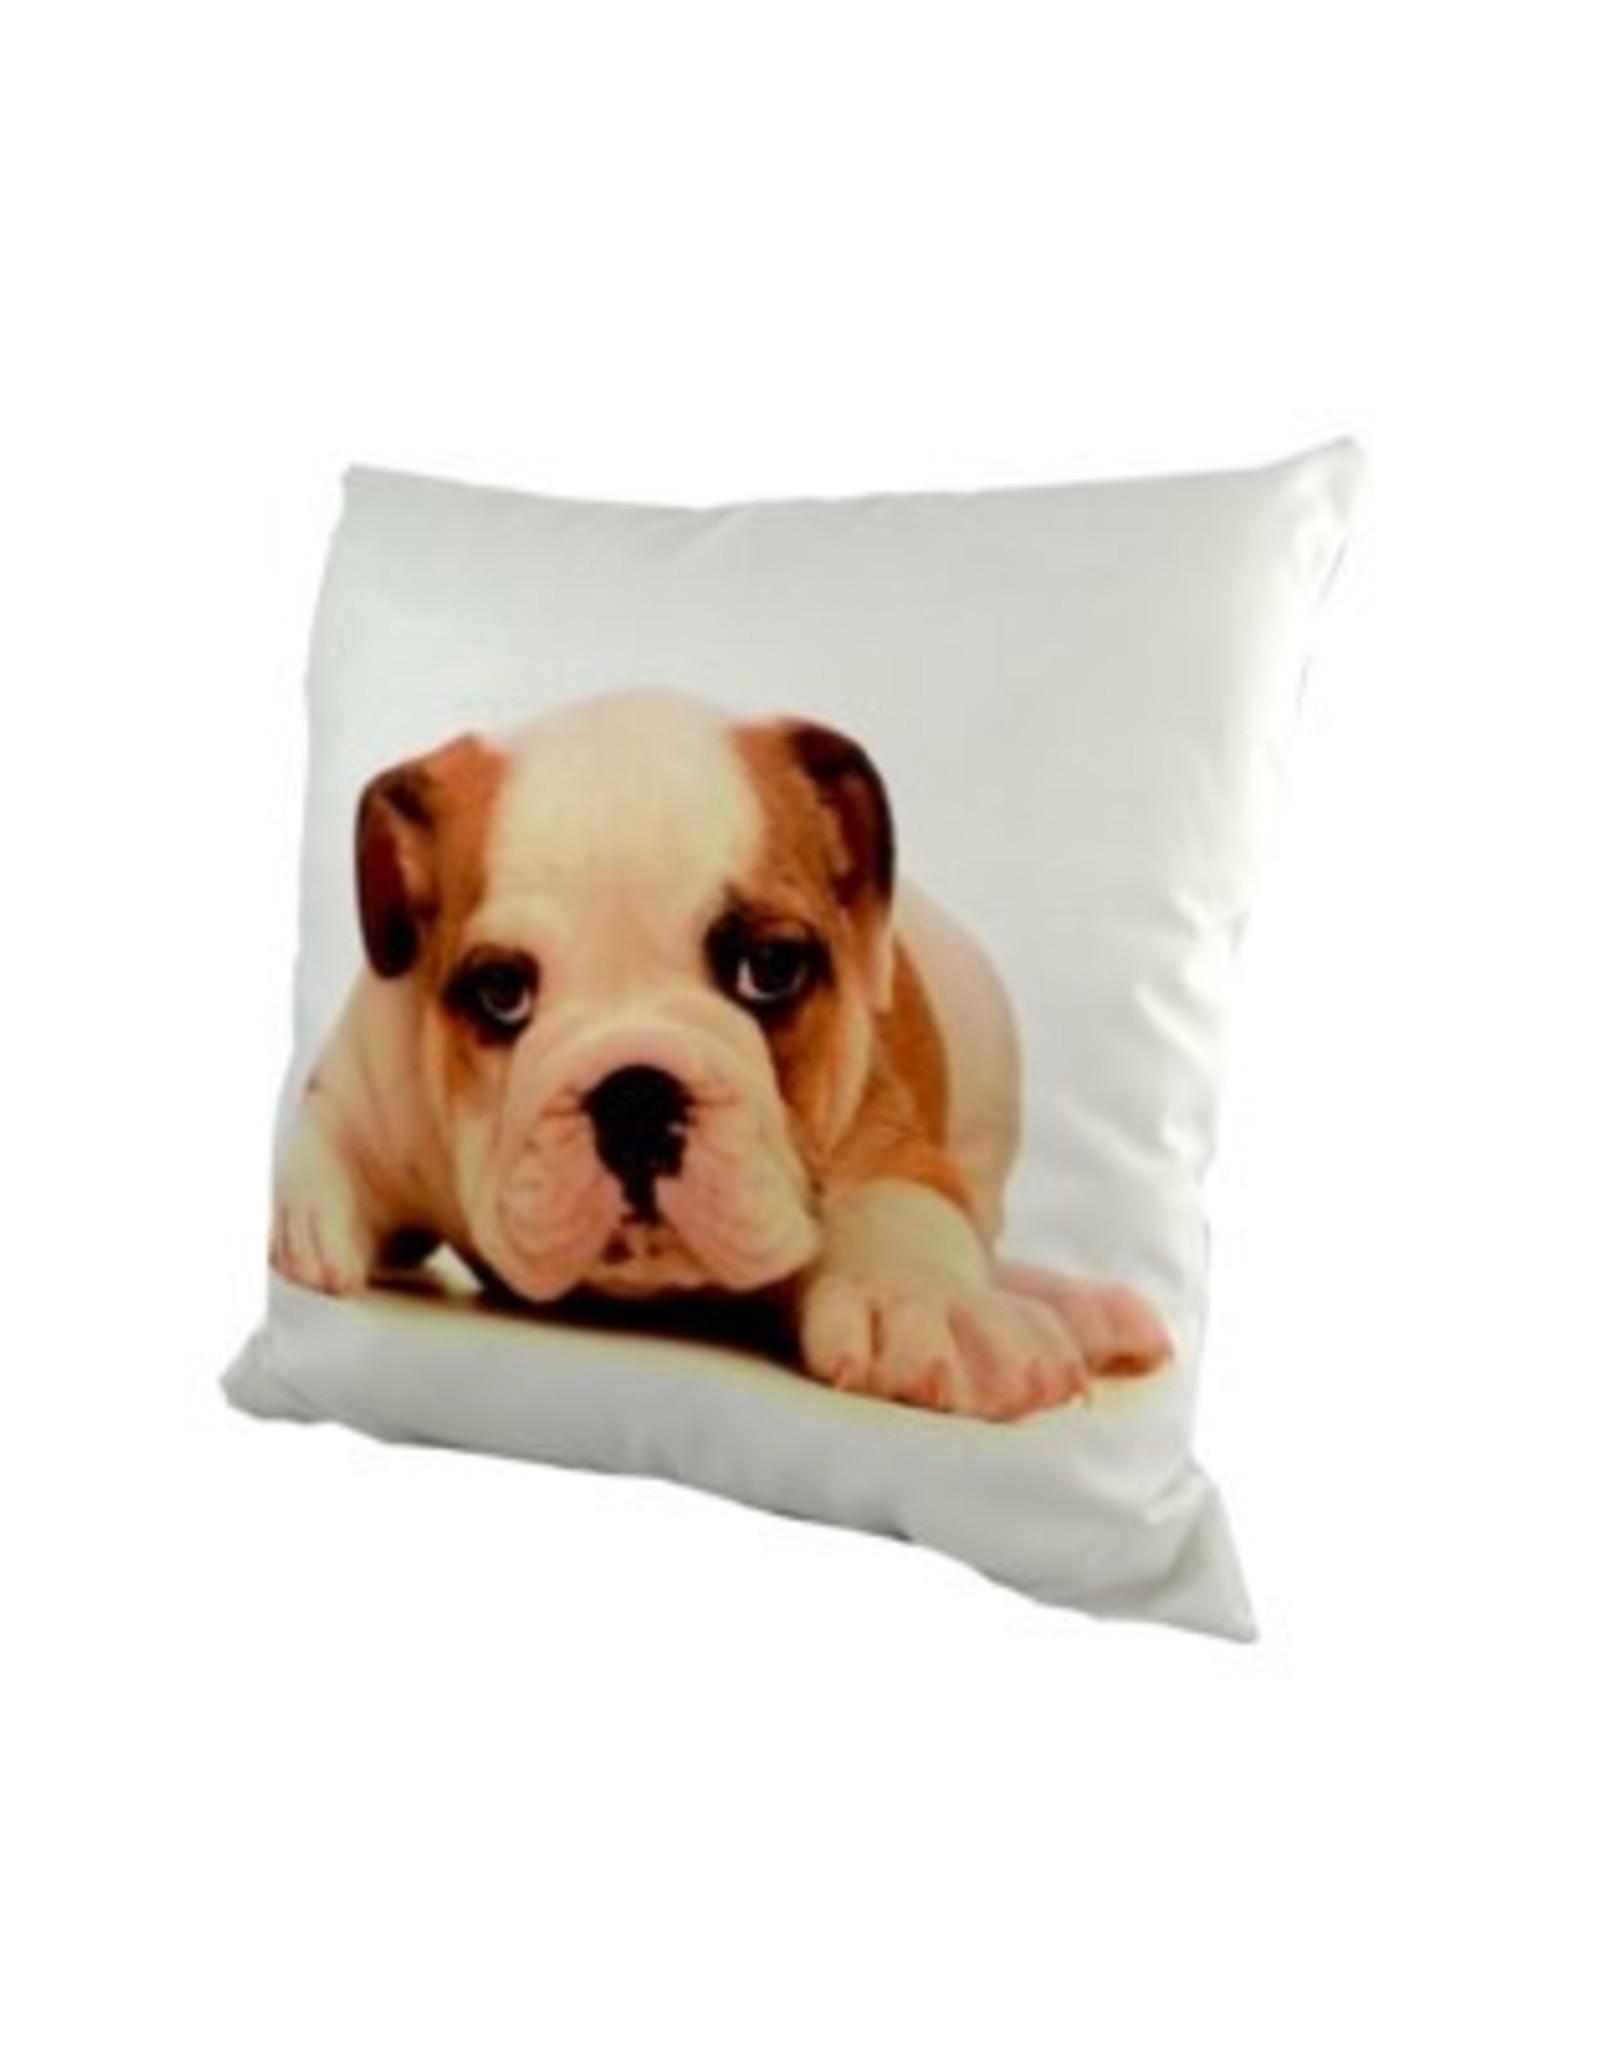 Nostalgia Cushions Nostalgia Bulldog 639-063